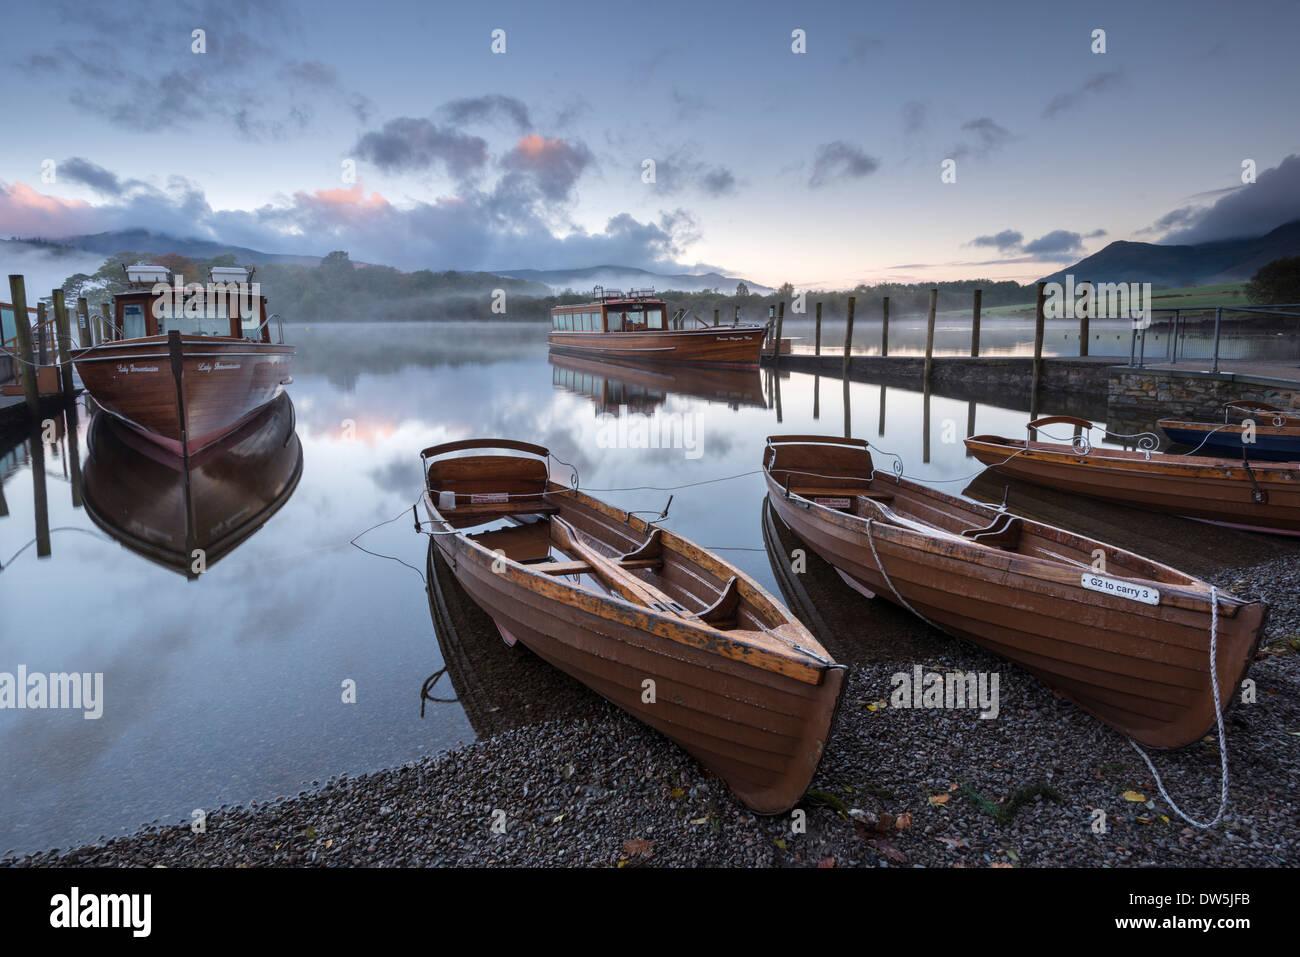 Bateaux amarrés sur Derwent Water à l'aube, Keswick, Lake District, Cumbria, Angleterre. L'automne (octobre) 2012. Photo Stock